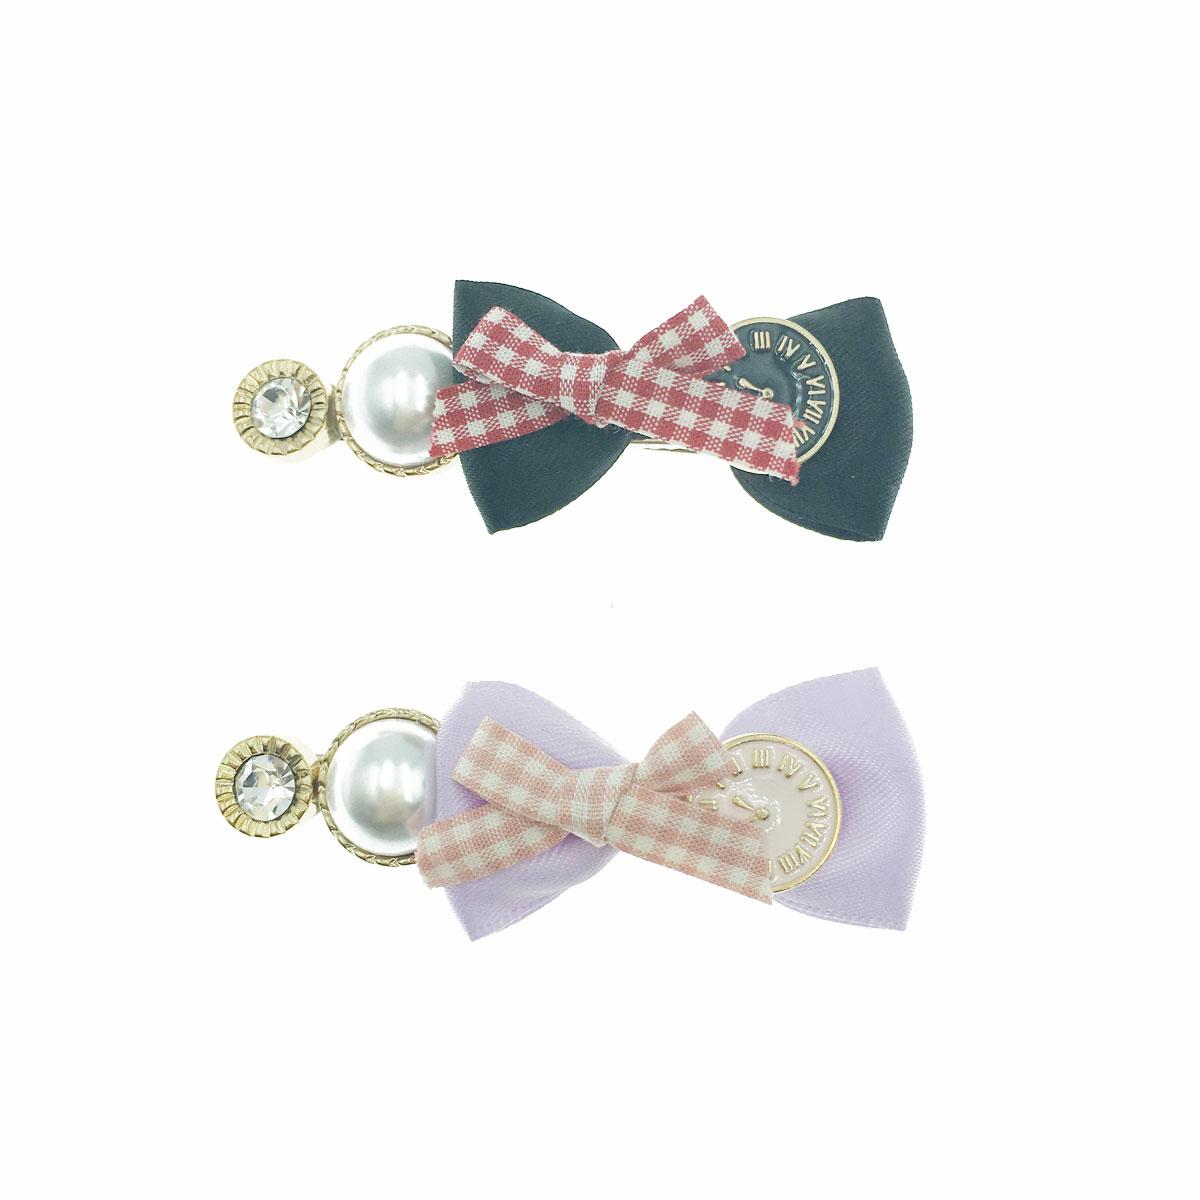 韓國 水鑽 珍珠 蝴蝶結 愛麗絲 時鐘 格紋 撞色 兩色 壓夾 髮夾 髮飾